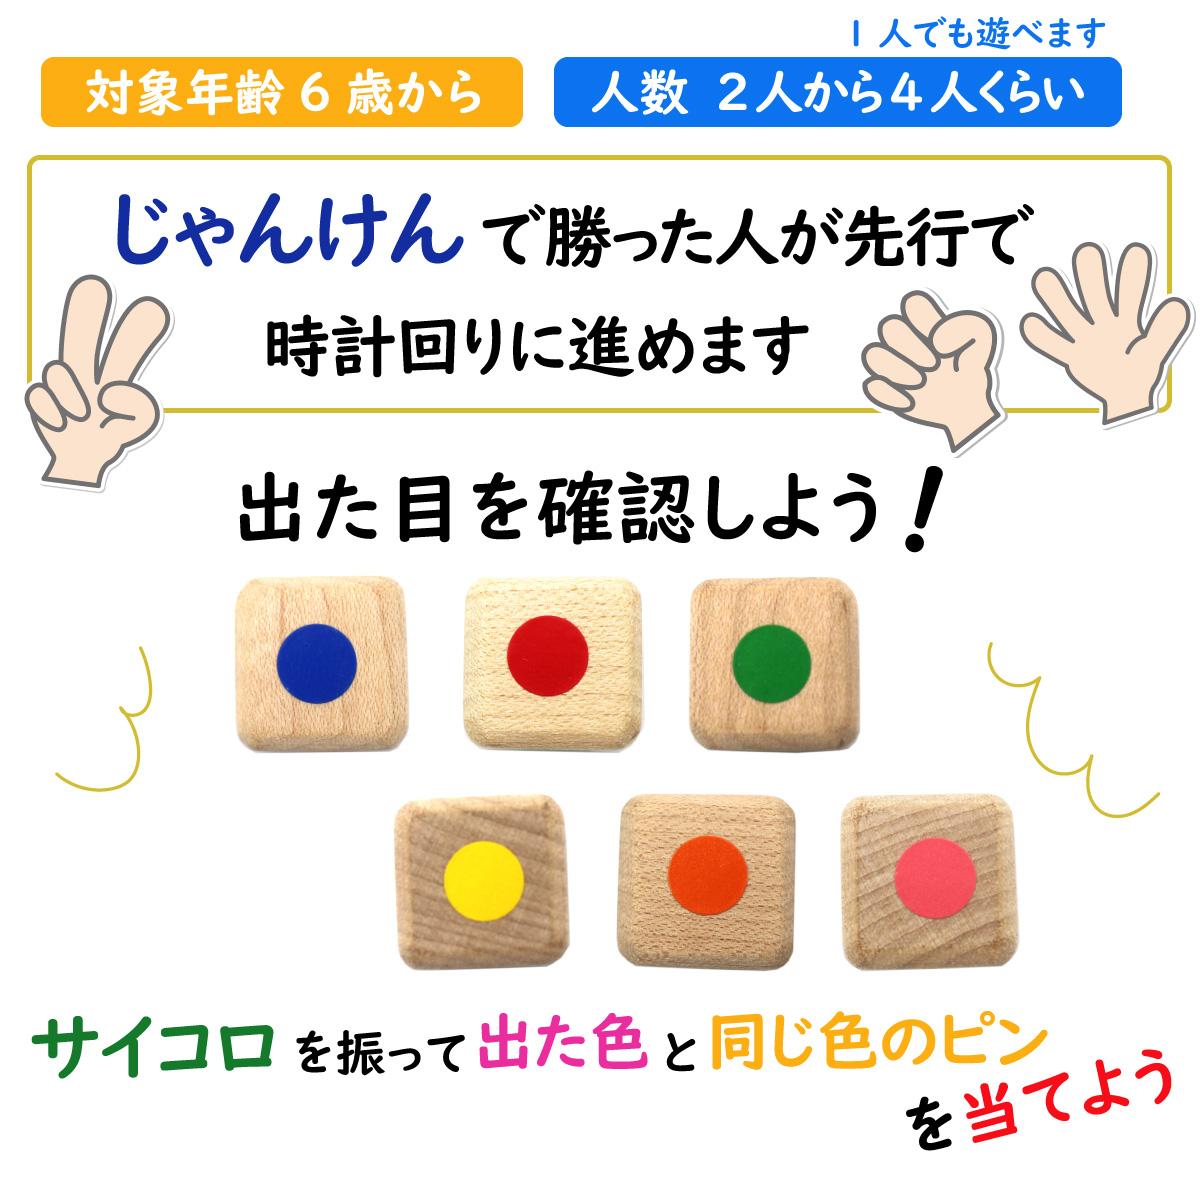 ロバンゲームの駒紹介ーダイちゃん